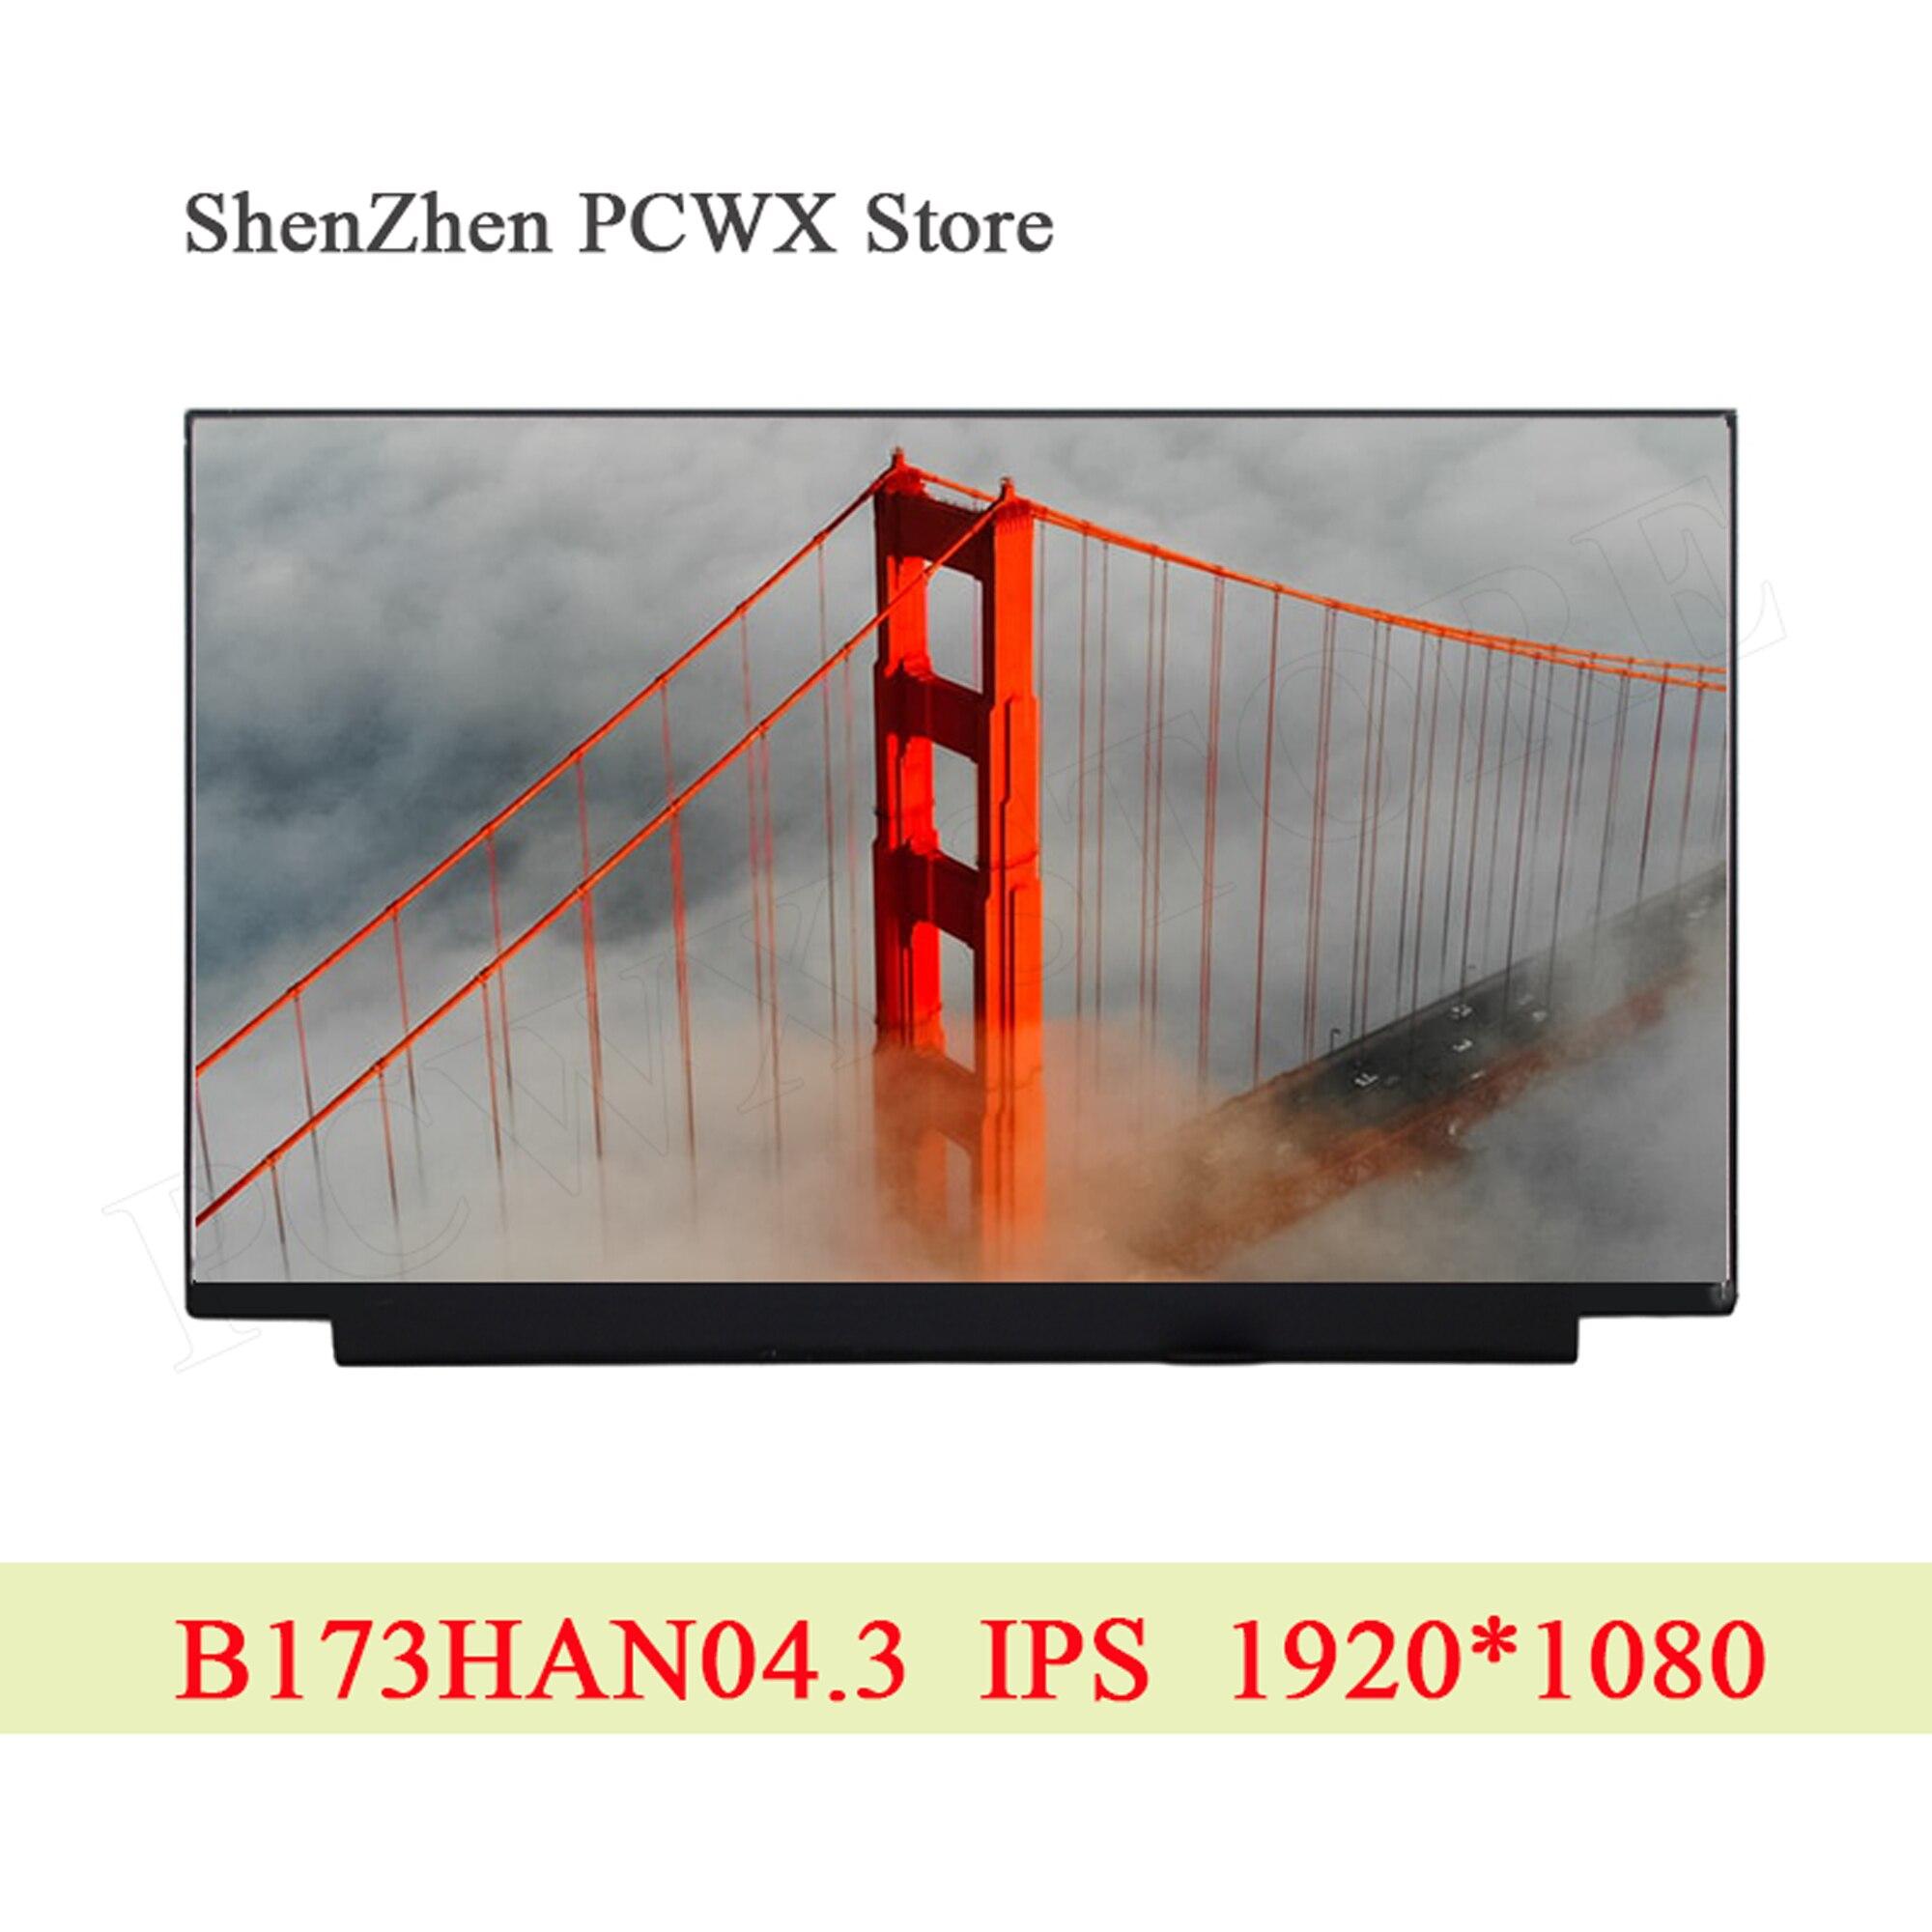 ЖК экран для ноутбука B173HAN04.3, светодиодный IPS экран для AUO 439D 17,3 дюйма, оригинальный ноутбук, плоский матовый дисплей FHD 2K 1920*1080, 30 контактов, 100%